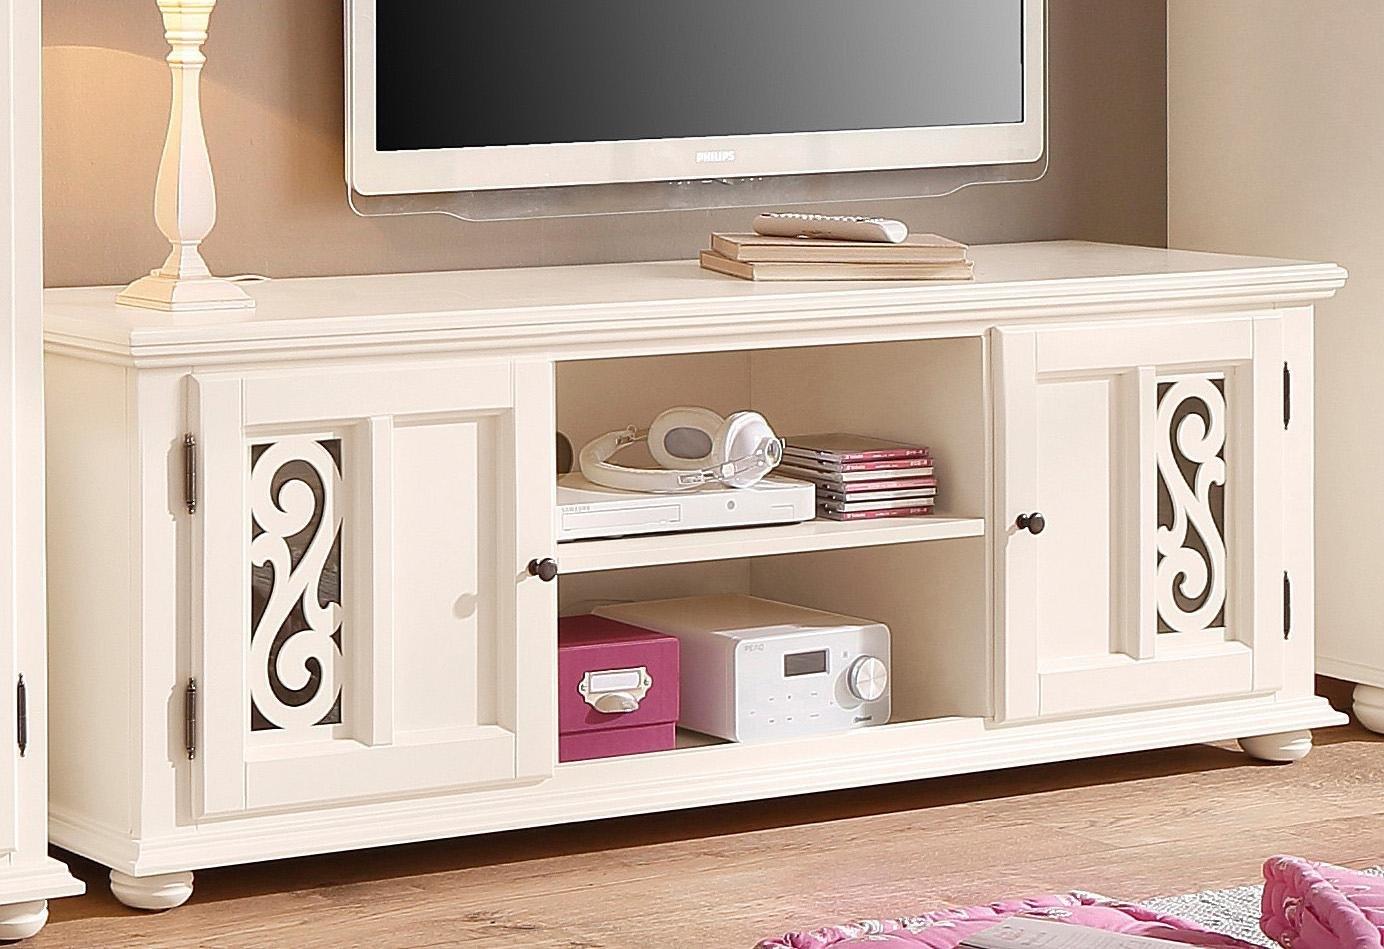 Op zoek naar een Home affaire tv-meubel »Arabeske«? Koop online bij OTTO